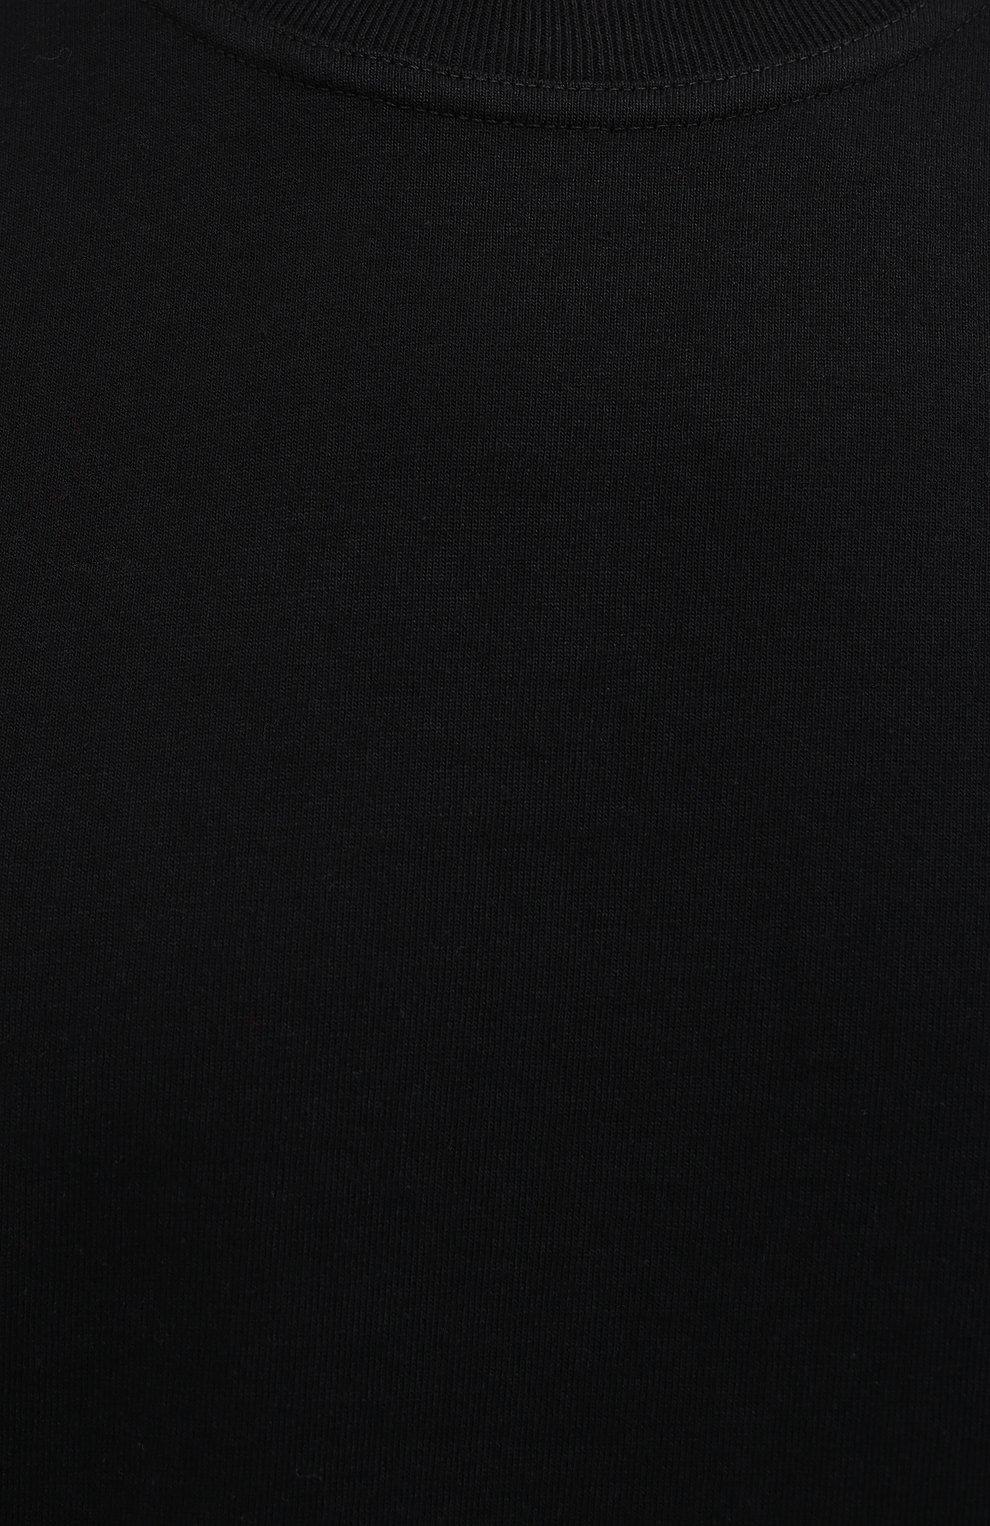 Мужская хлопковая футболка BOTTEGA VENETA черного цвета, арт. 649055/VF1U0 | Фото 5 (Принт: Без принта; Рукава: Короткие; Длина (для топов): Стандартные; Материал внешний: Хлопок; Стили: Минимализм)